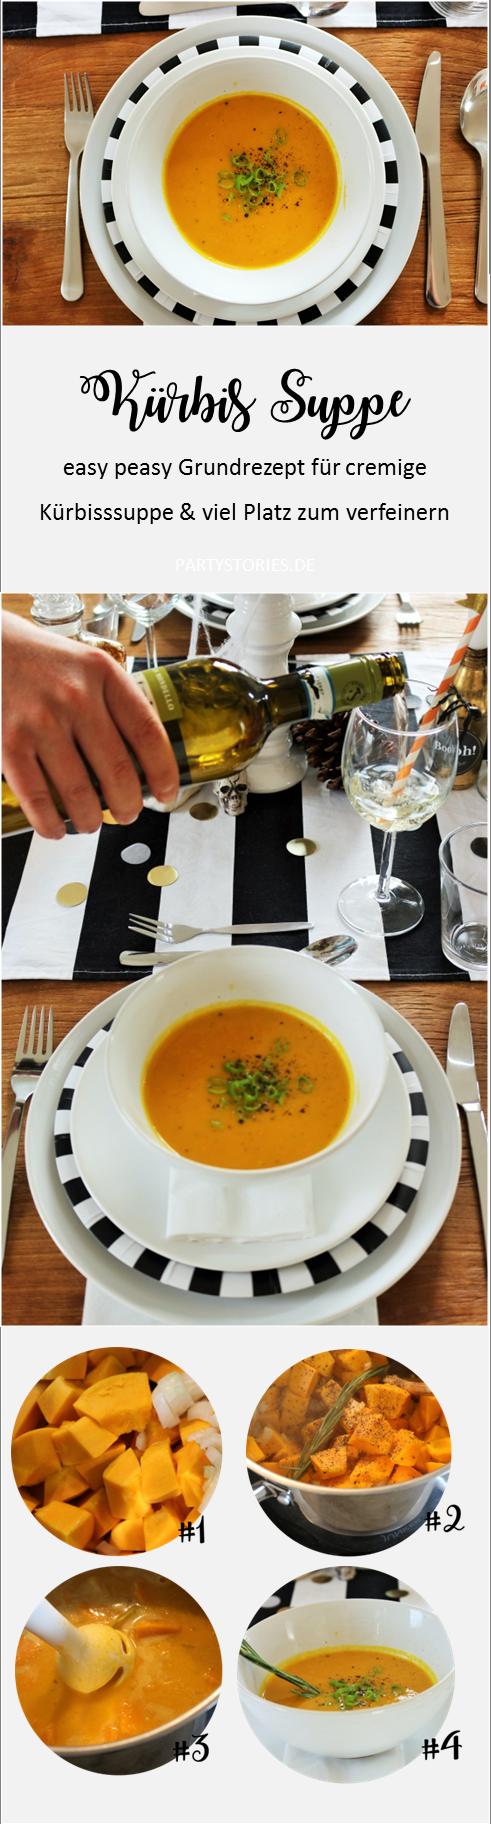 Bild: einfaches Rezept für cremige Kürbissuppe mit Orangensaft, gefunden auf Partystories.de